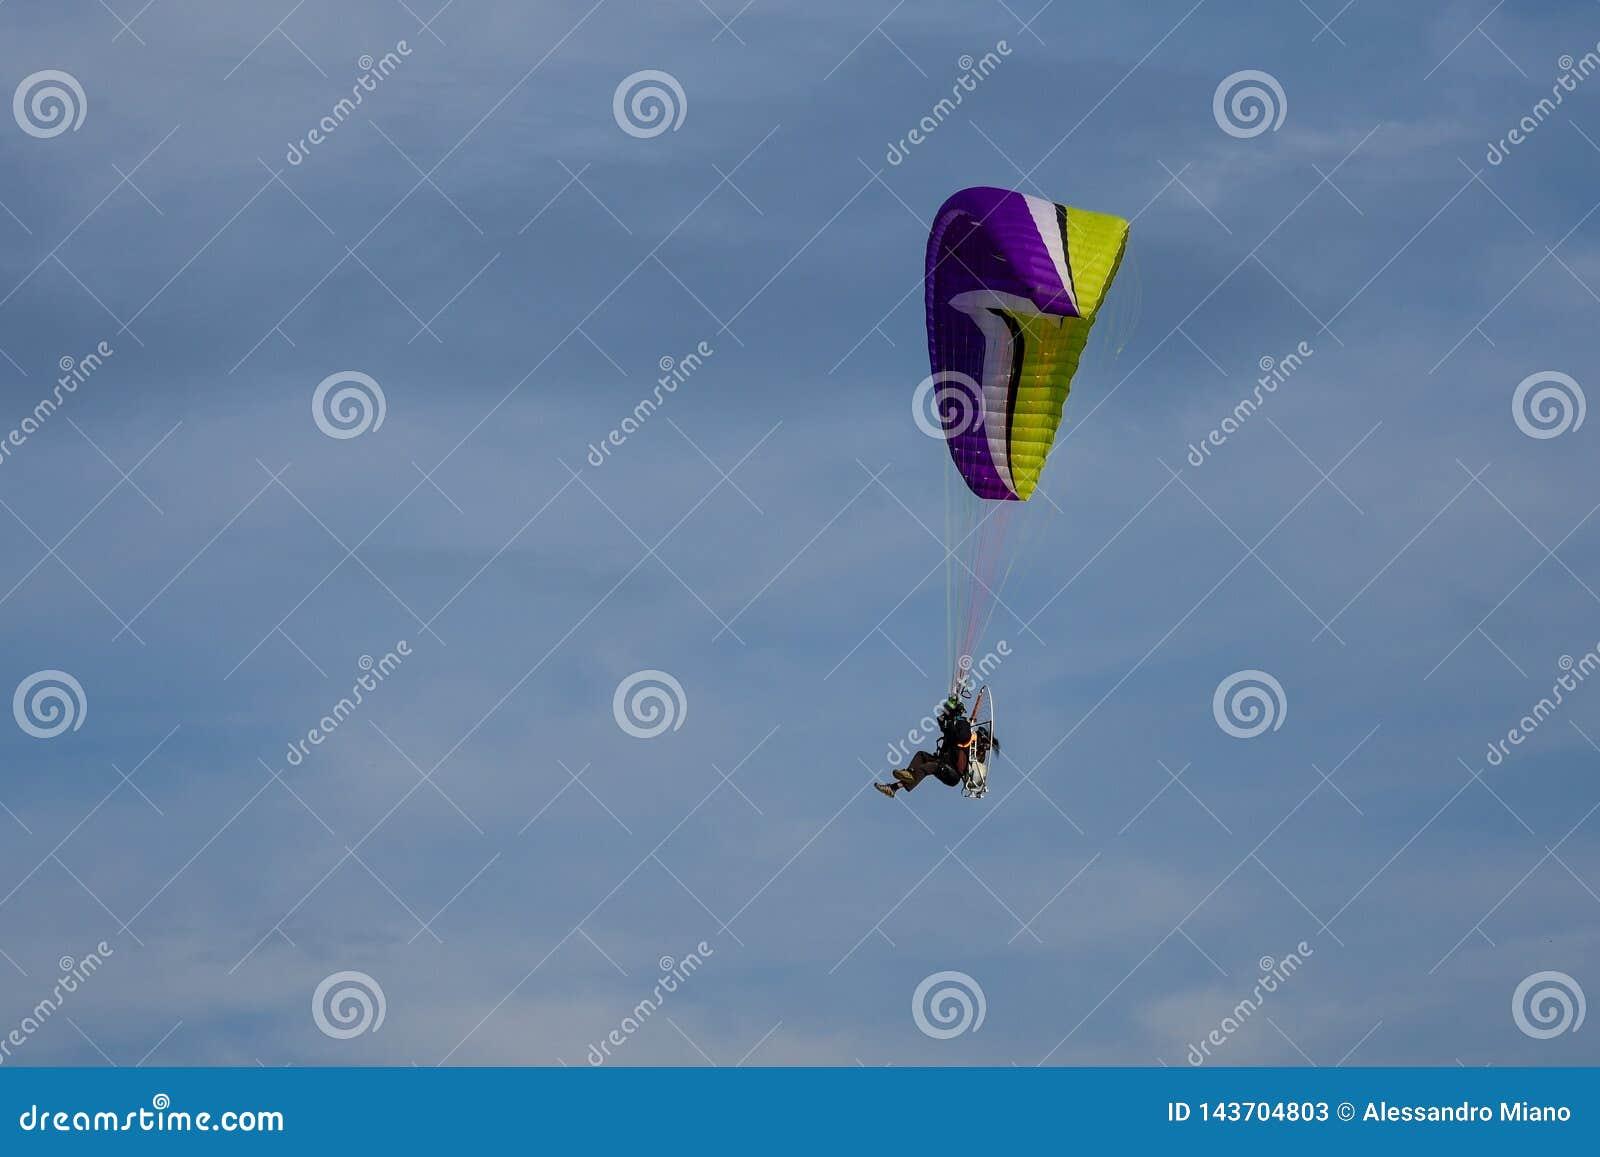 Μηχανοποιημένος κρεμάστε το ανεμοπλάνο που πετά στα ύψη στο μπλε ουρανό